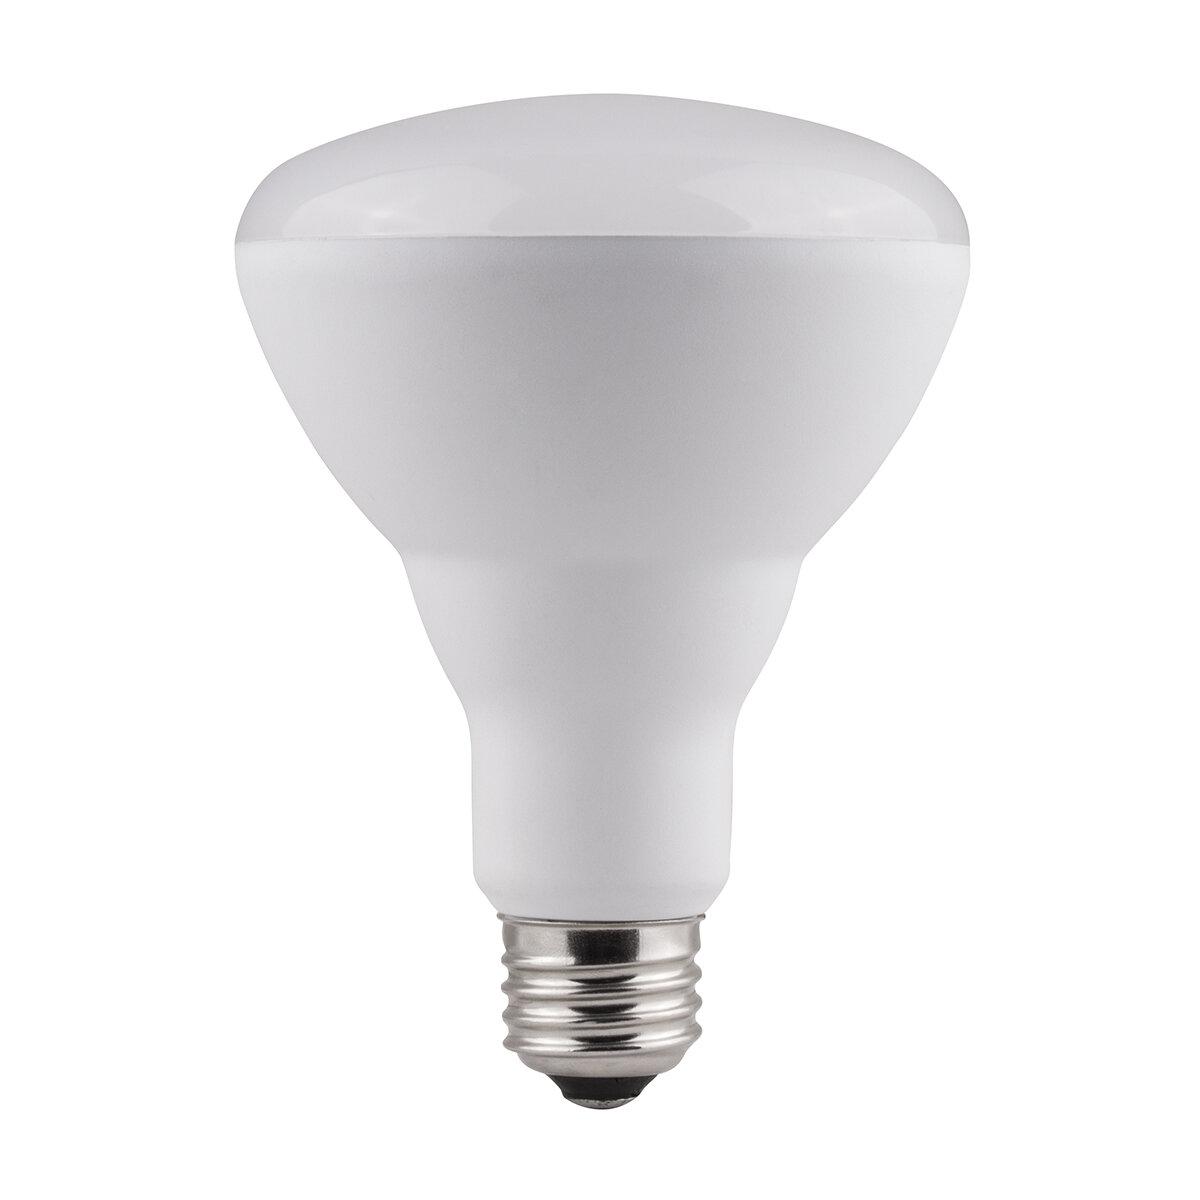 Bazz Smart Home 4 Watt 65 Watt Equivalent Br30 Led Smart Dimmable Light Bulb Daylight 5000k E26 Medium Standard Base Wayfair